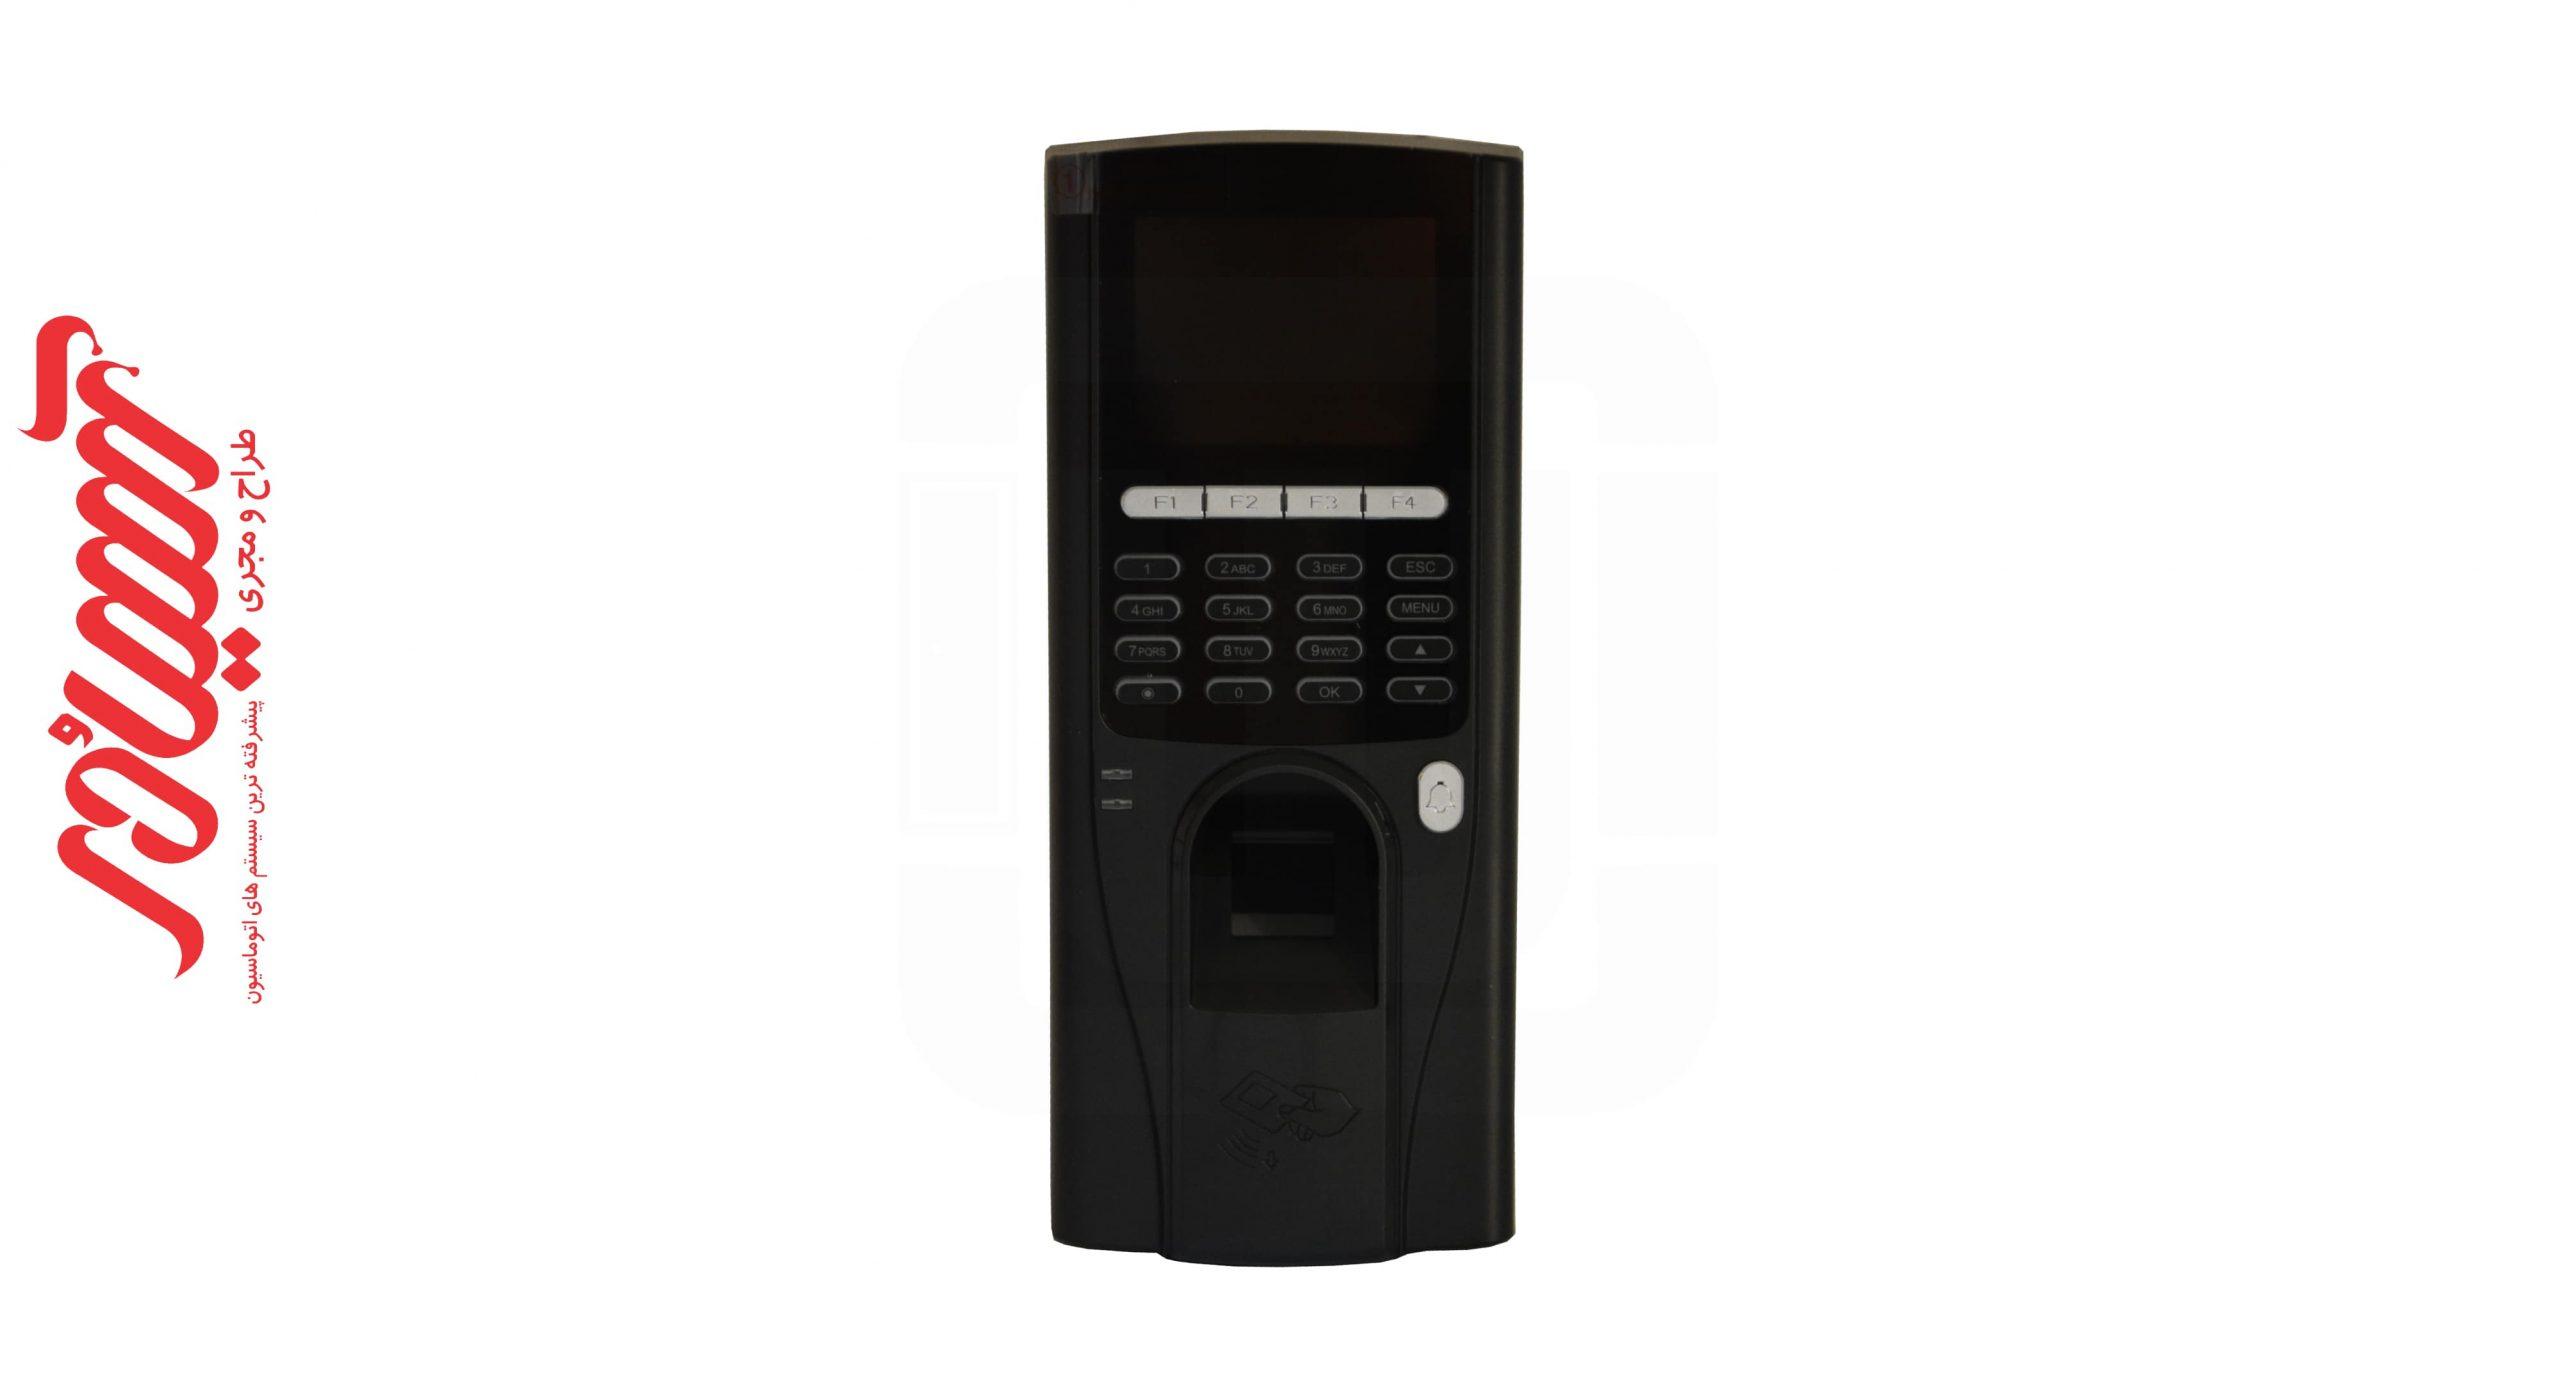 دستگاه اکسس کنترل اچ ام تی FS30